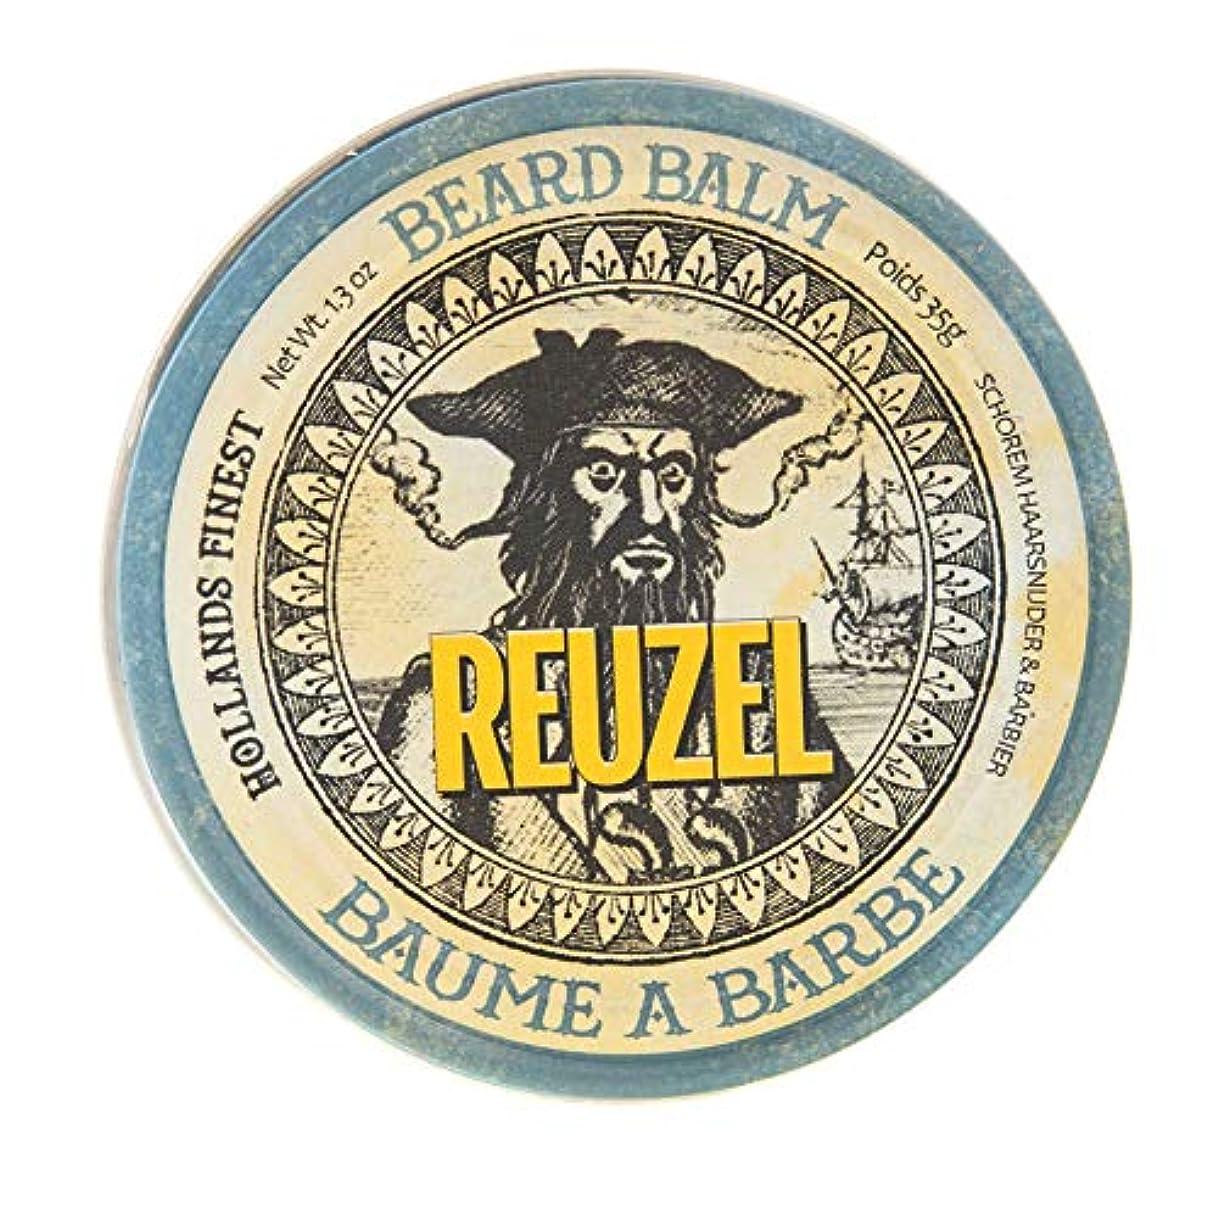 ホイップ架空の推定ルーゾー ビアード バーム Reuzel Beard Balm 35 g [並行輸入品]